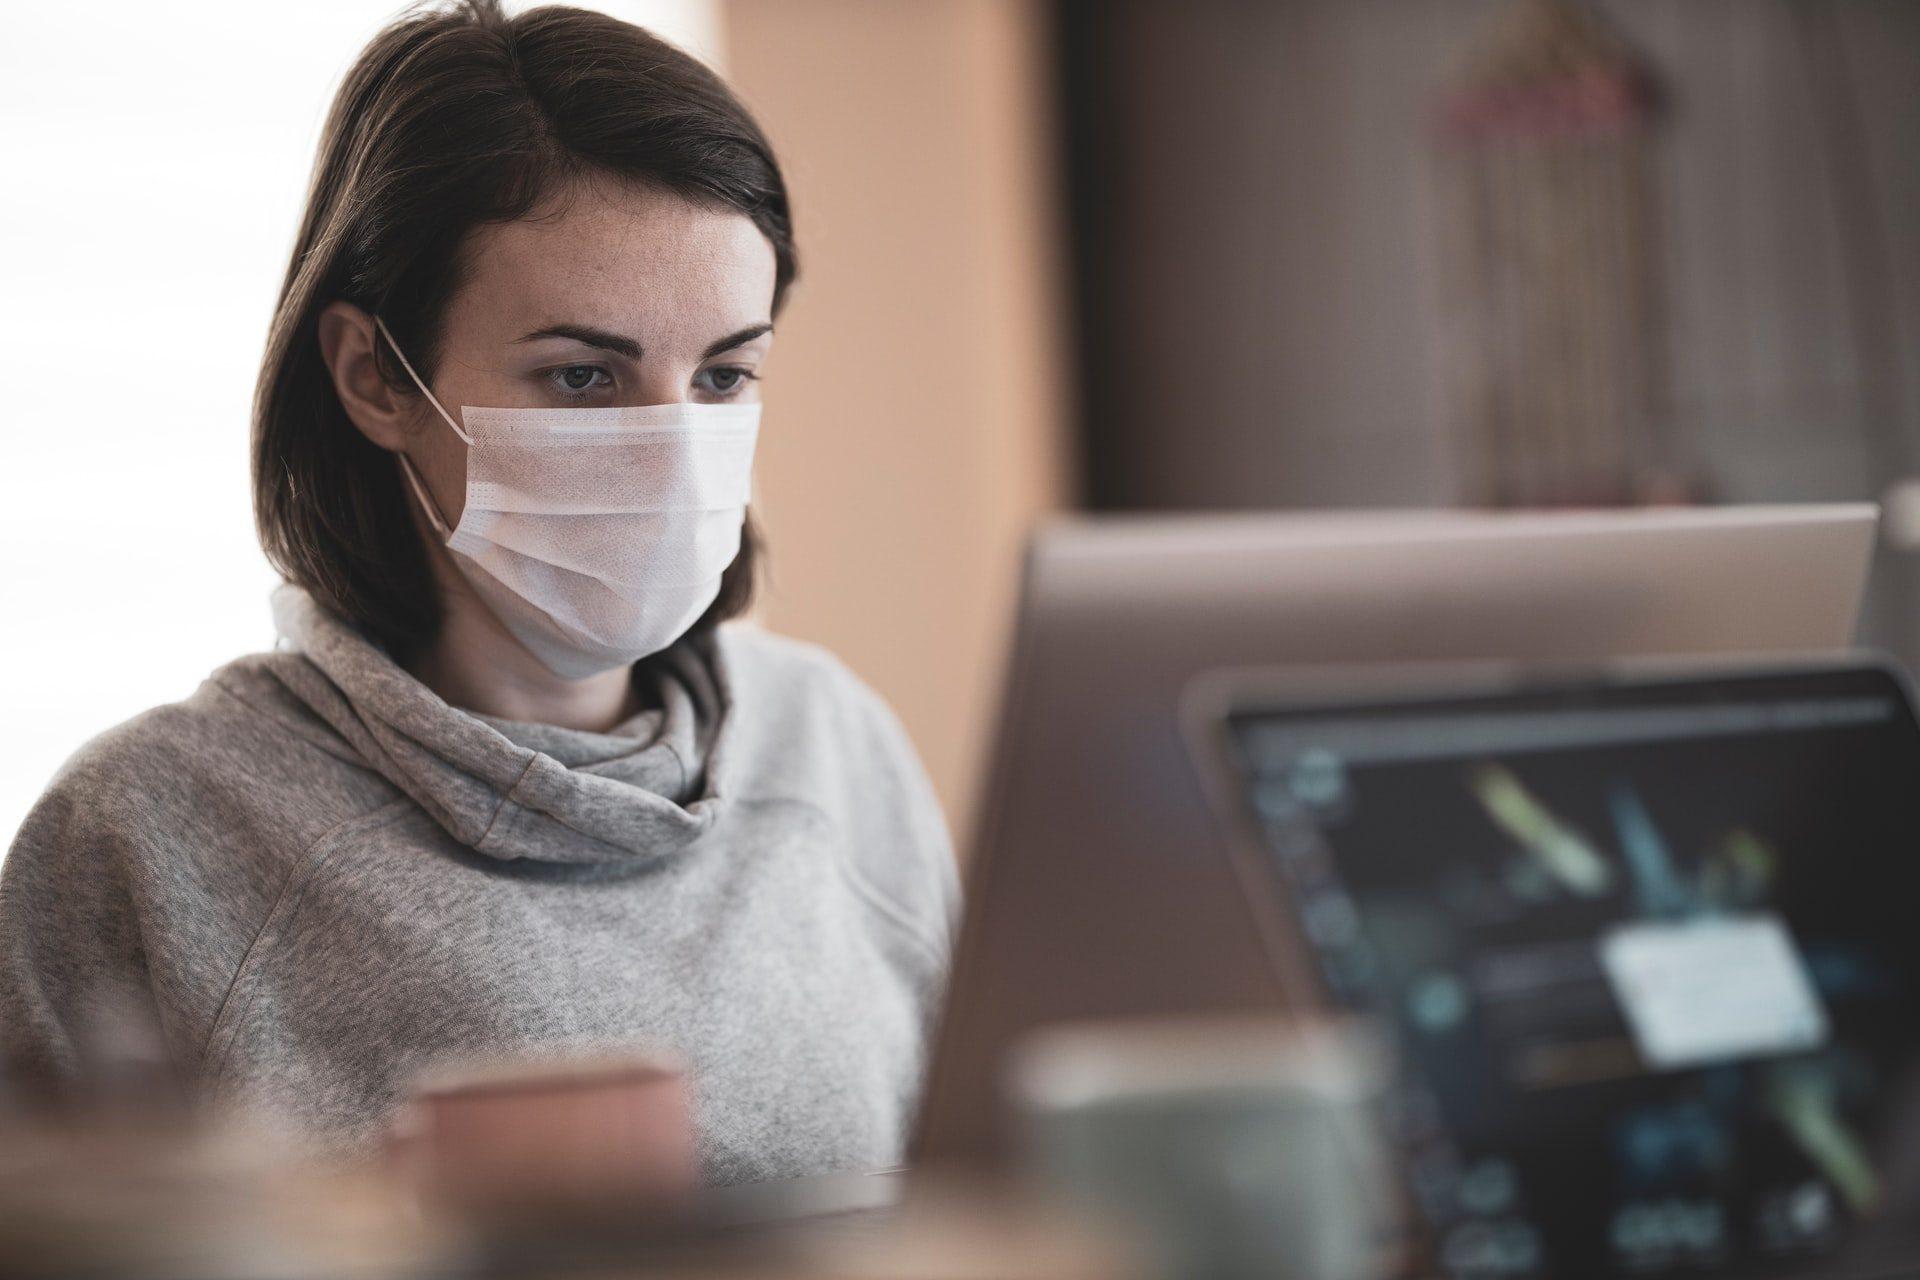 Spaventati ma gentili: gli anticorpi digitali al COVID